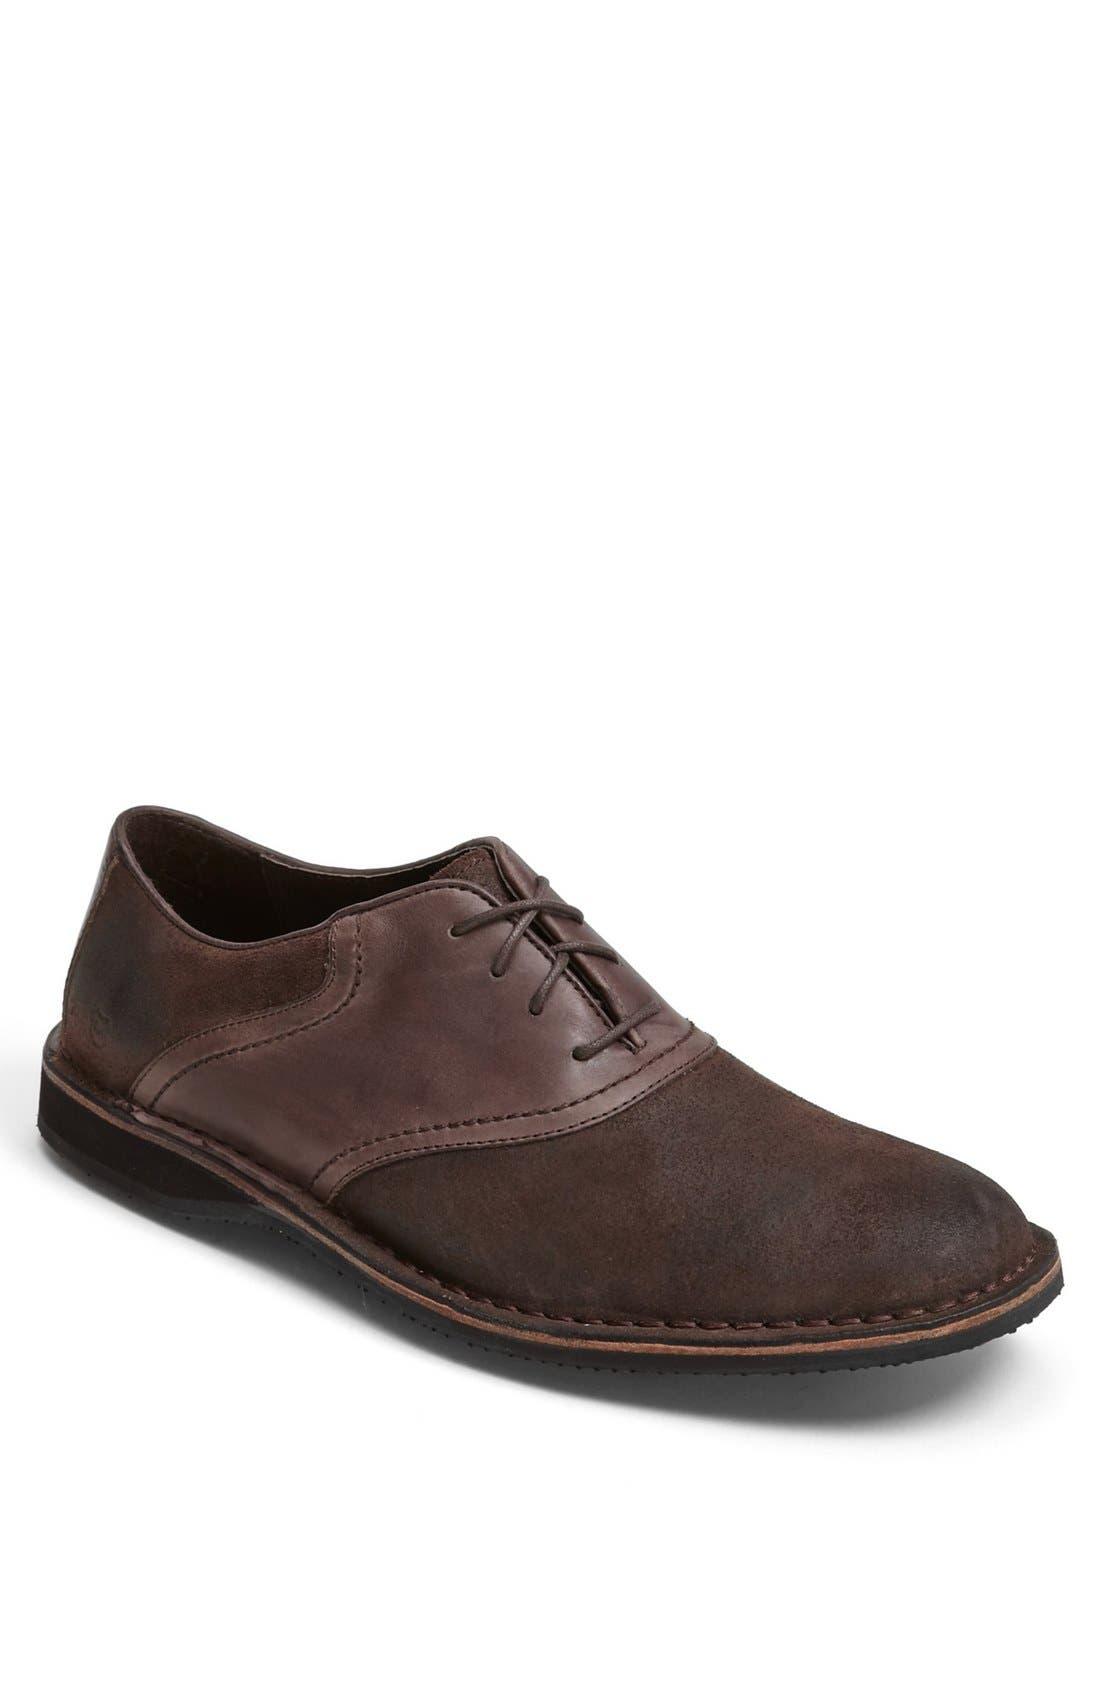 Alternate Image 1 Selected - Andrew Marc 'Dorchester' Saddle Shoe (Men)